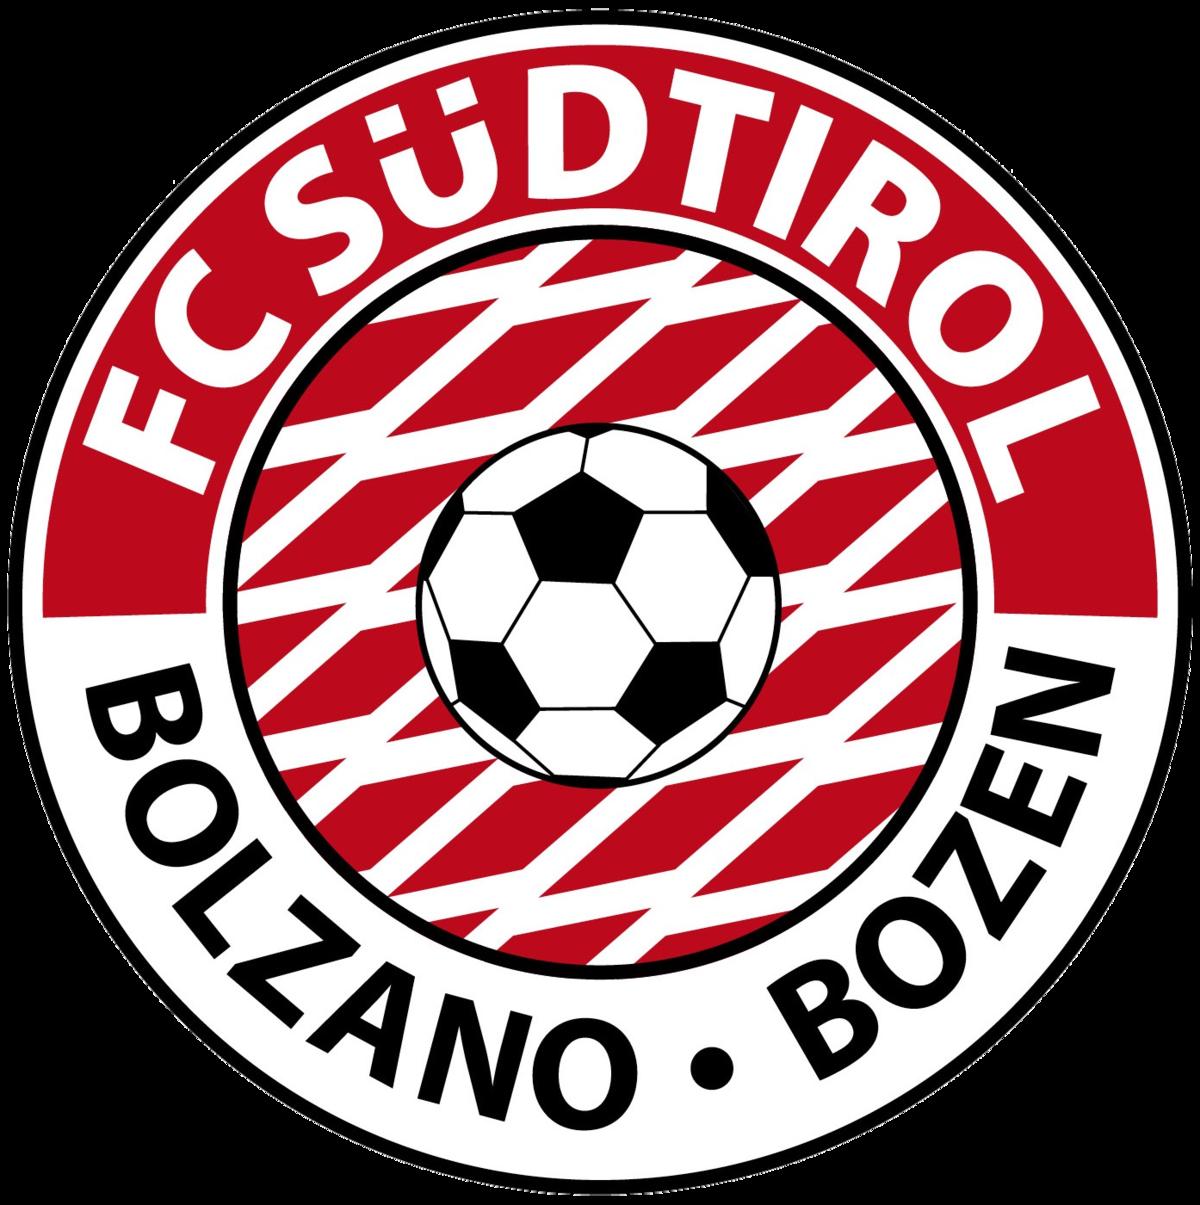 Calendario Allievi Nazionali.F Sudtirol Calendario Squadra Italia Allievi